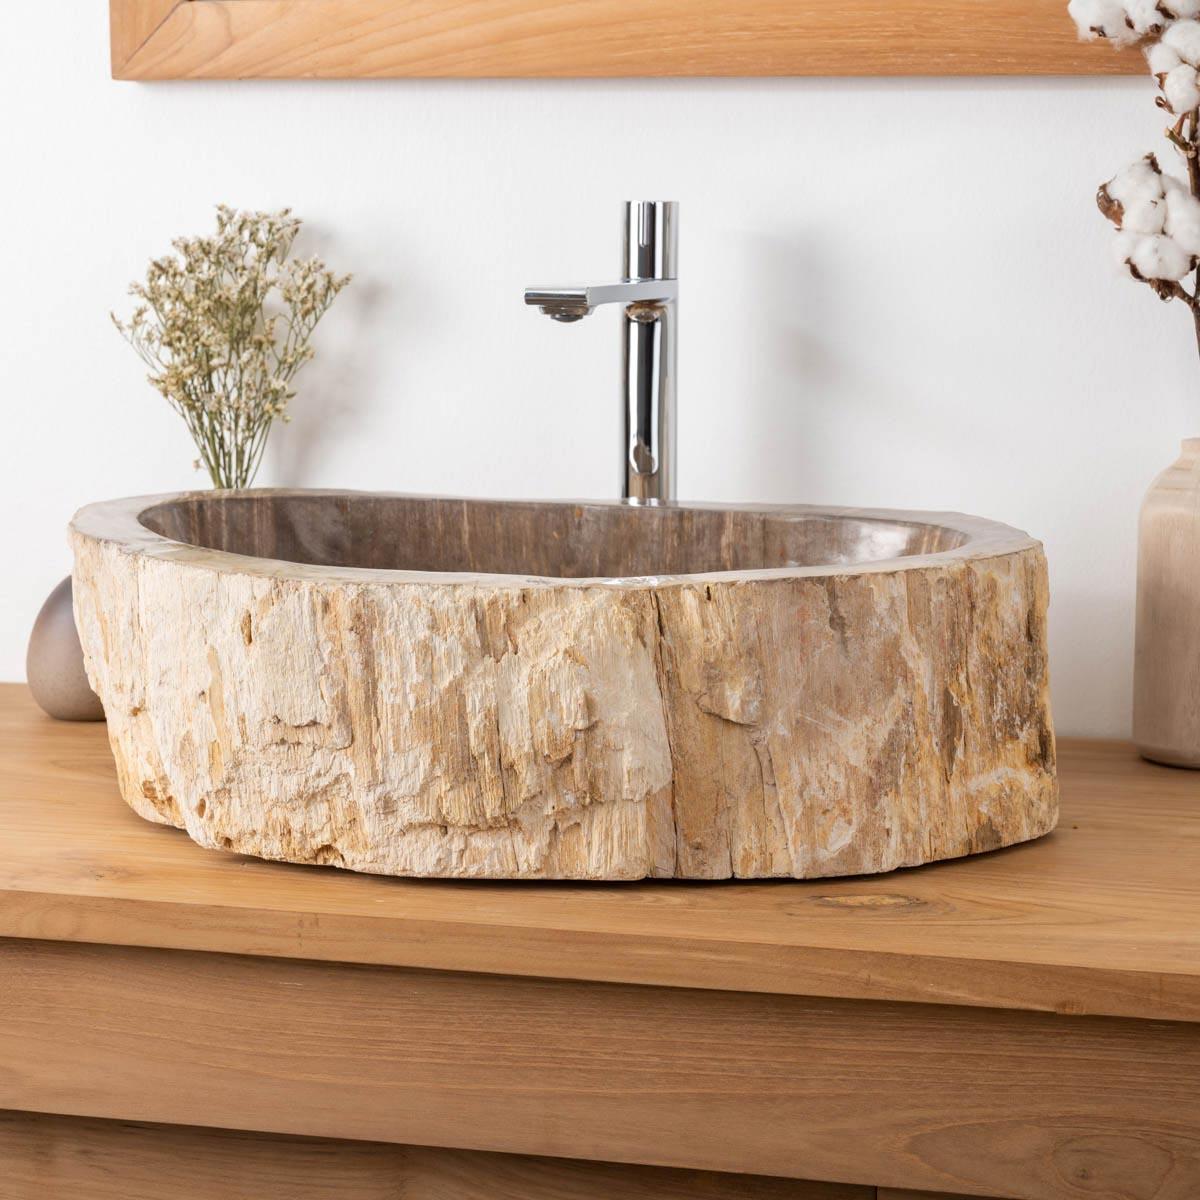 Vasque de salle de bain poser en bois p trifi fossilis 54 cm - Vasque salle de bain bois ...